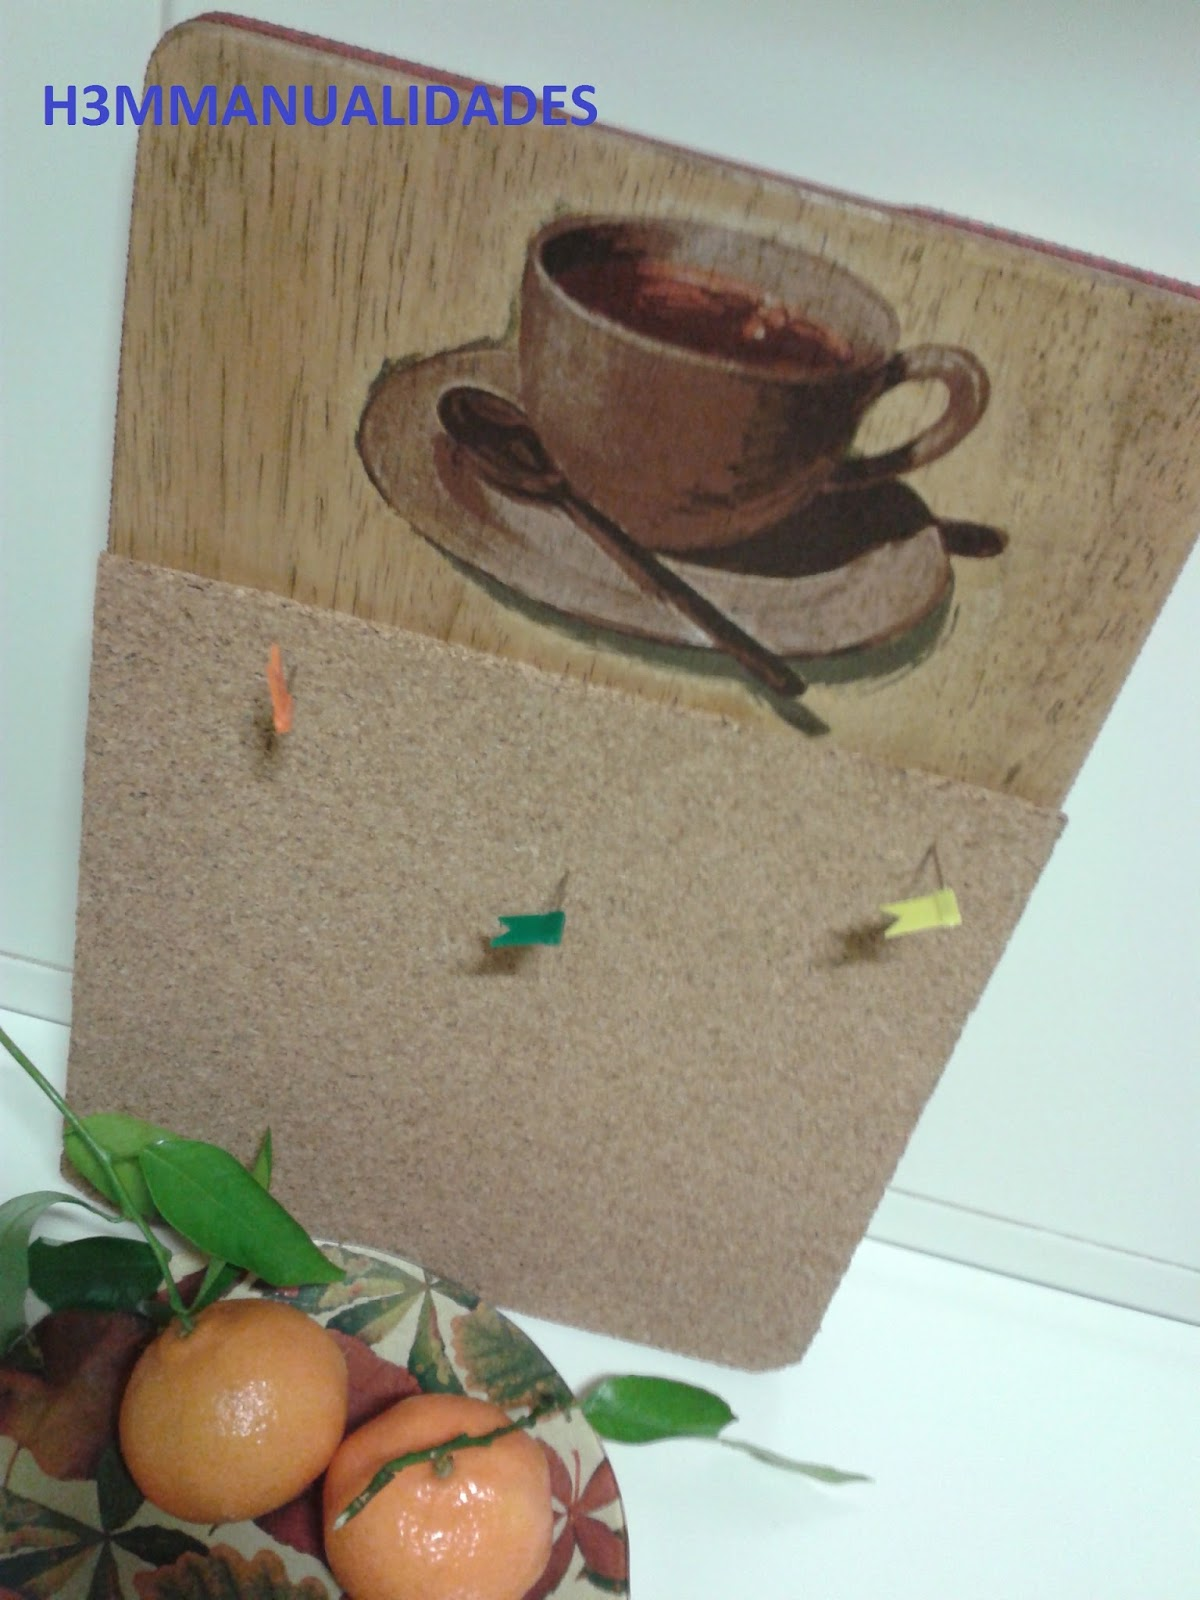 H3m manualidades tabla de cocina convertida en portanotas - Tabla de corcho ...